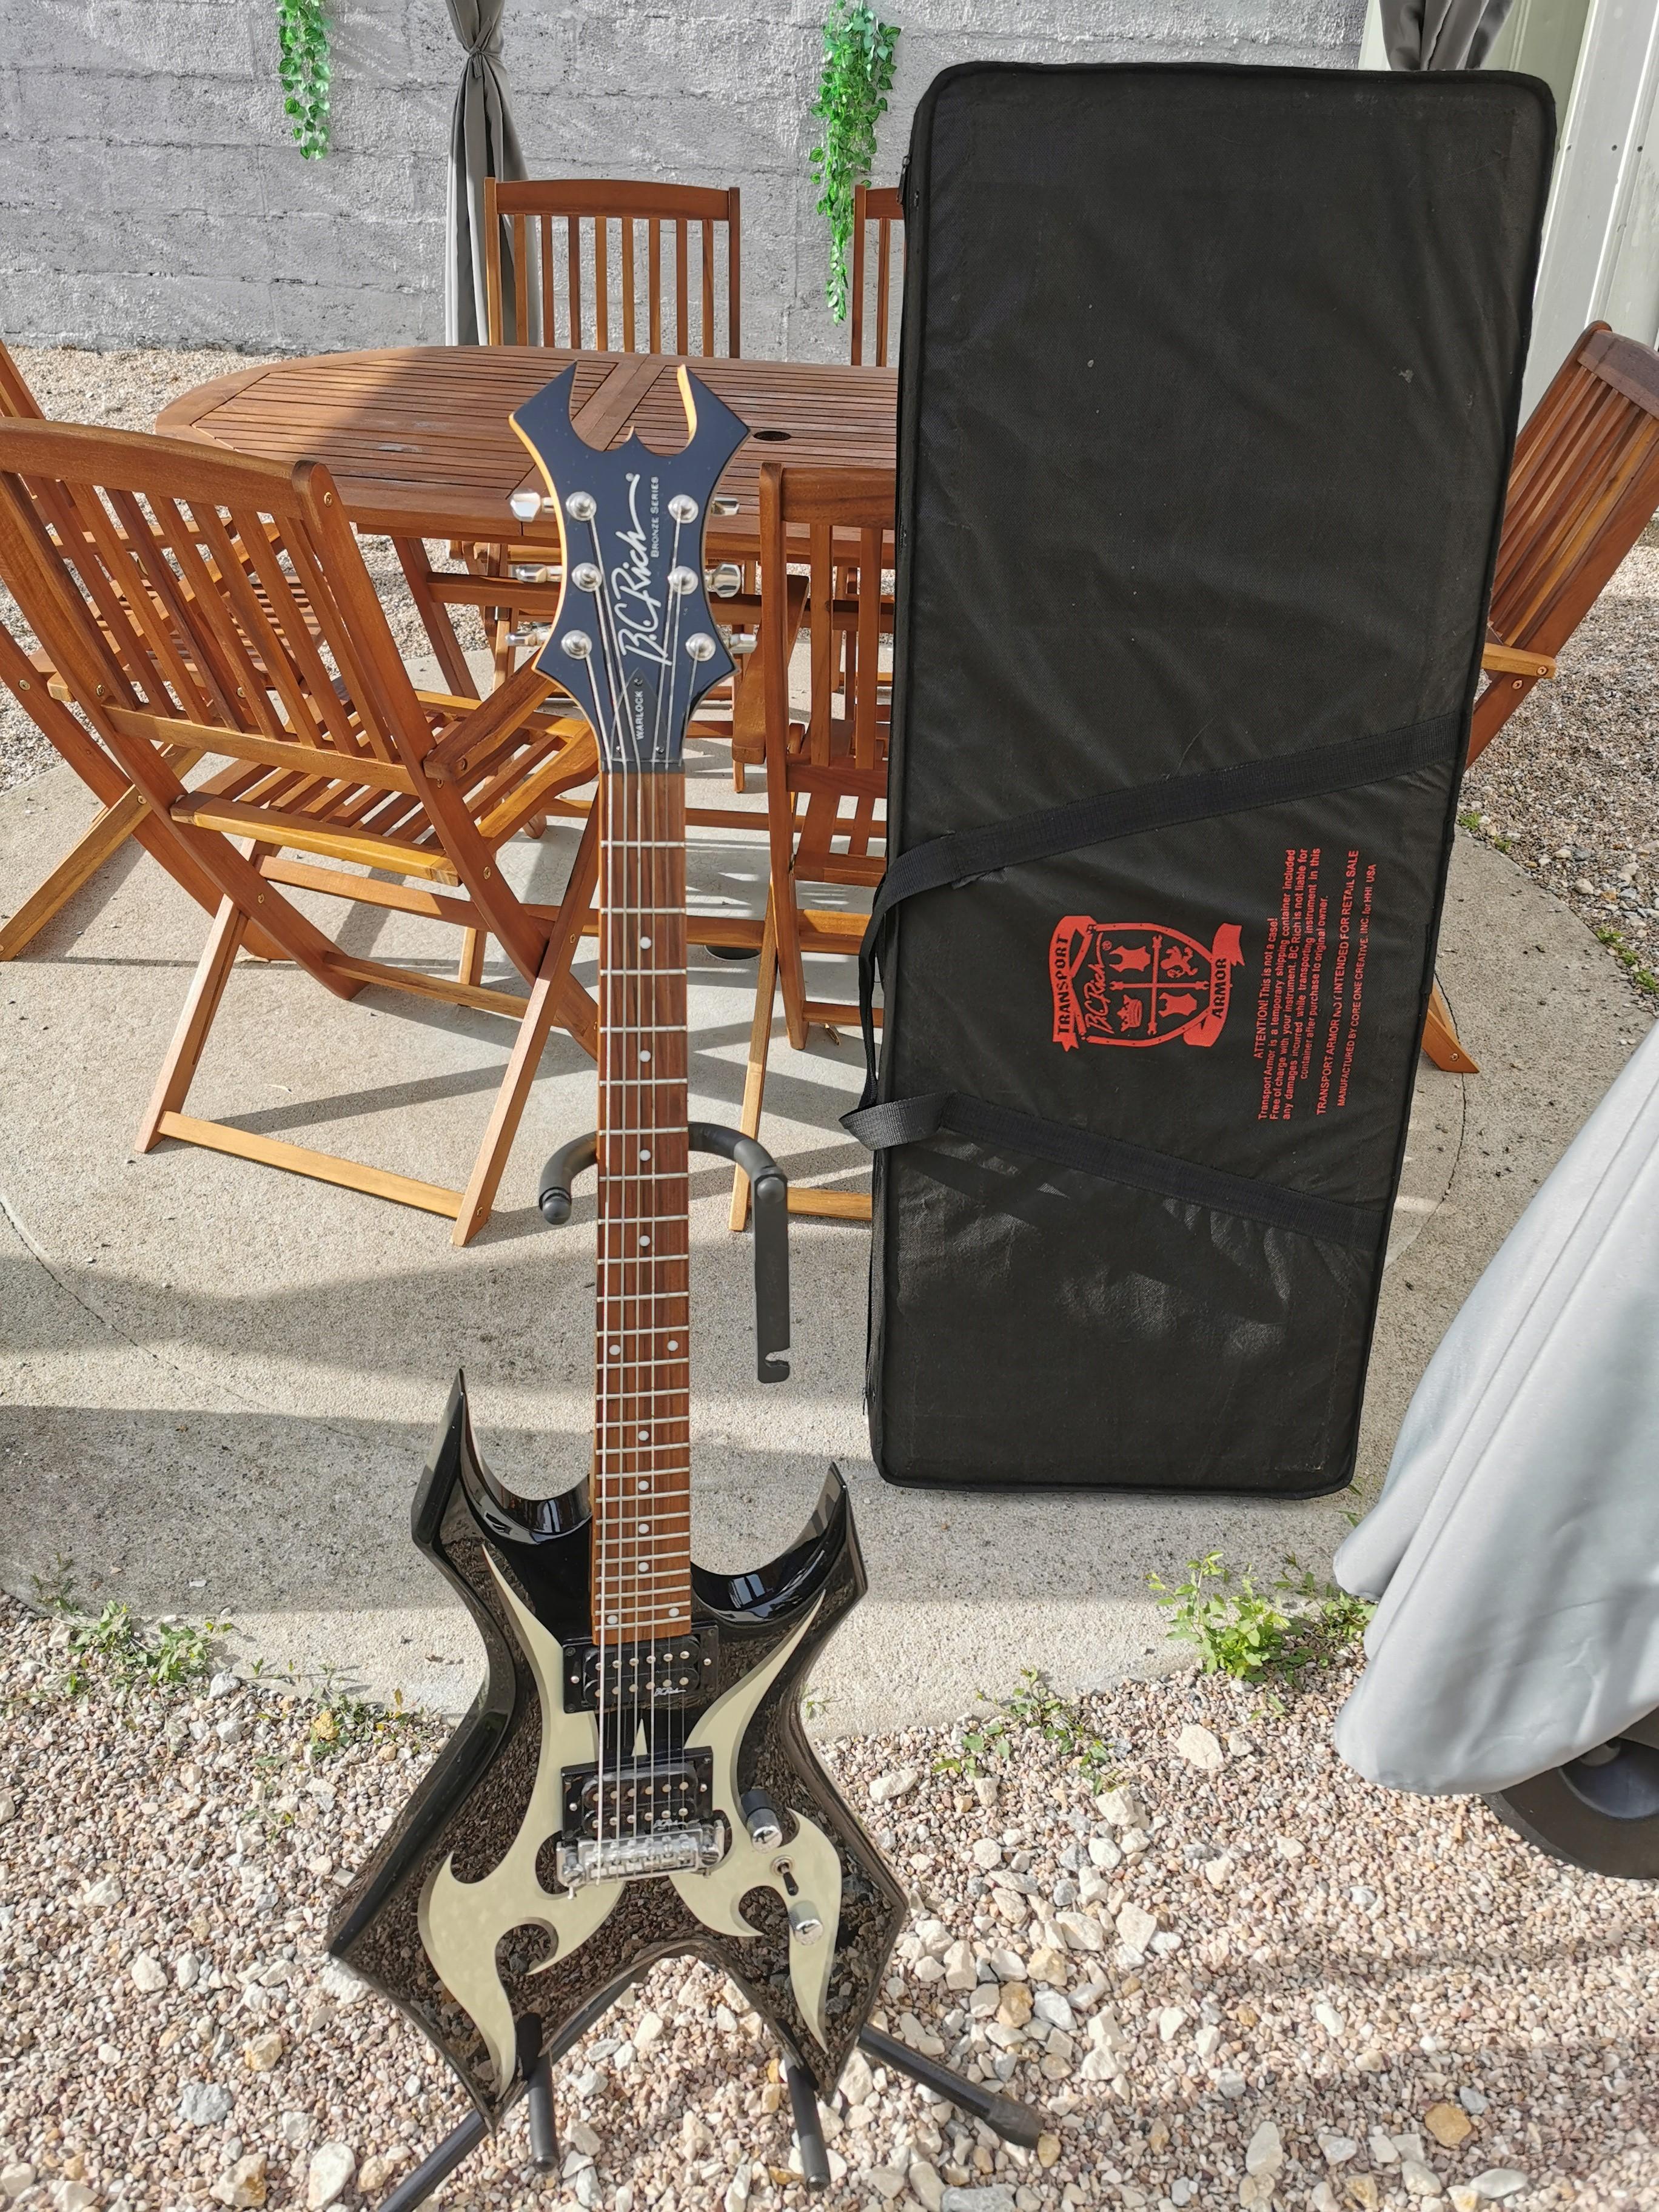 Ortola 5122 Housse pour Guitare Basse /électrique BC Rich Warlock 53 Noir